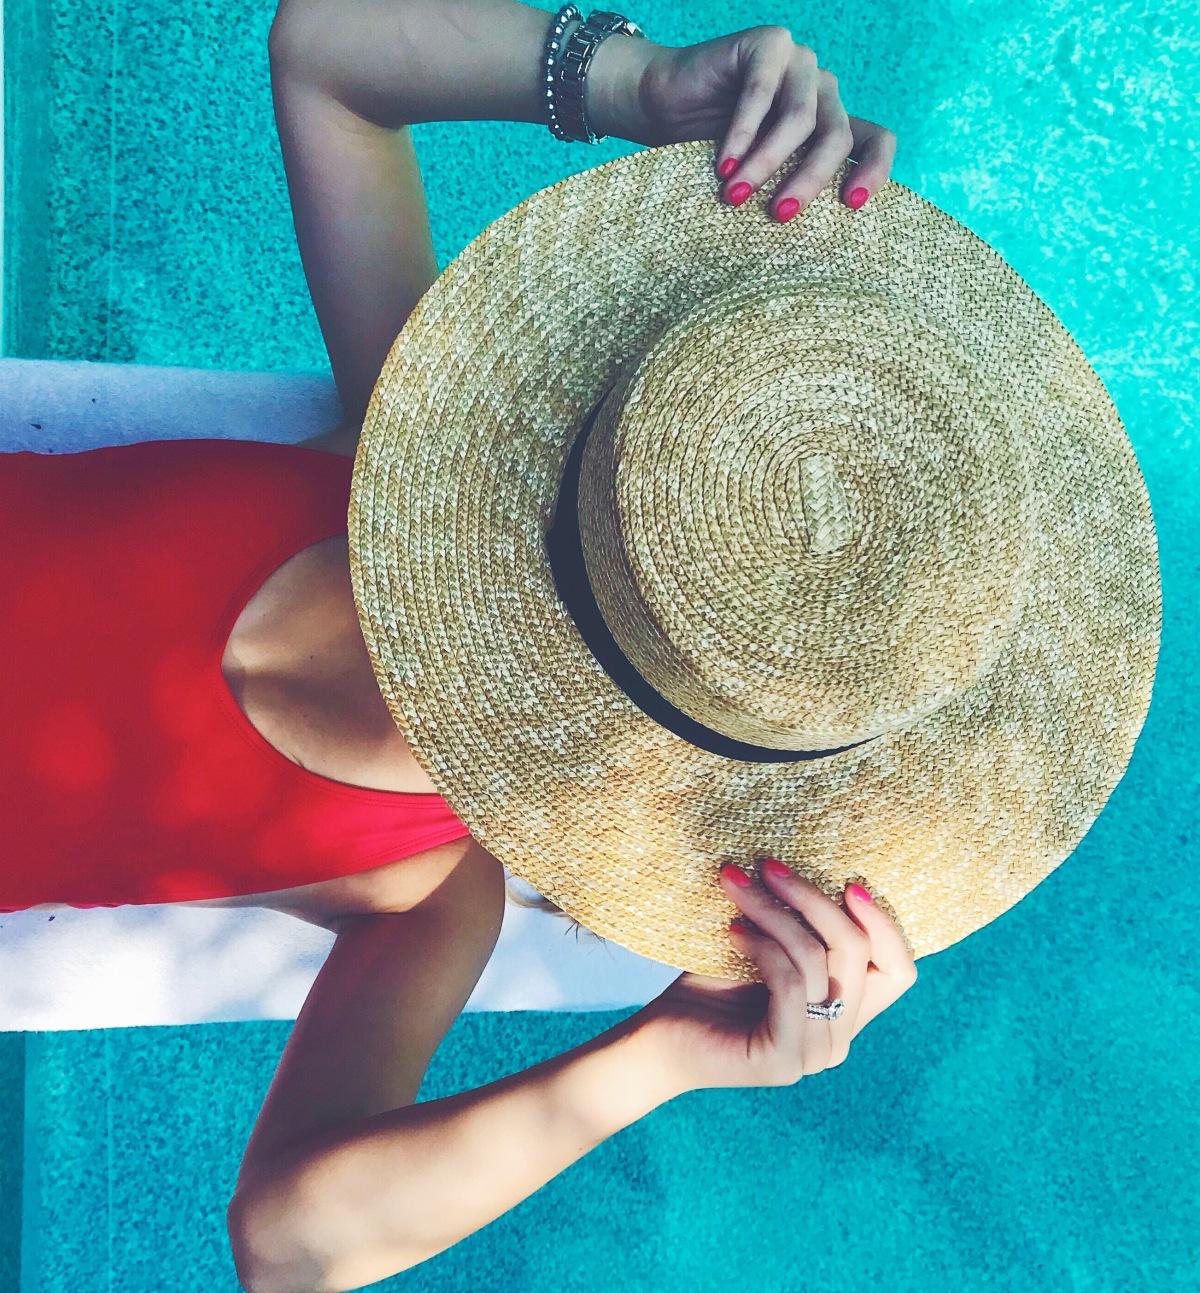 One Piece Swimsuits forSummer